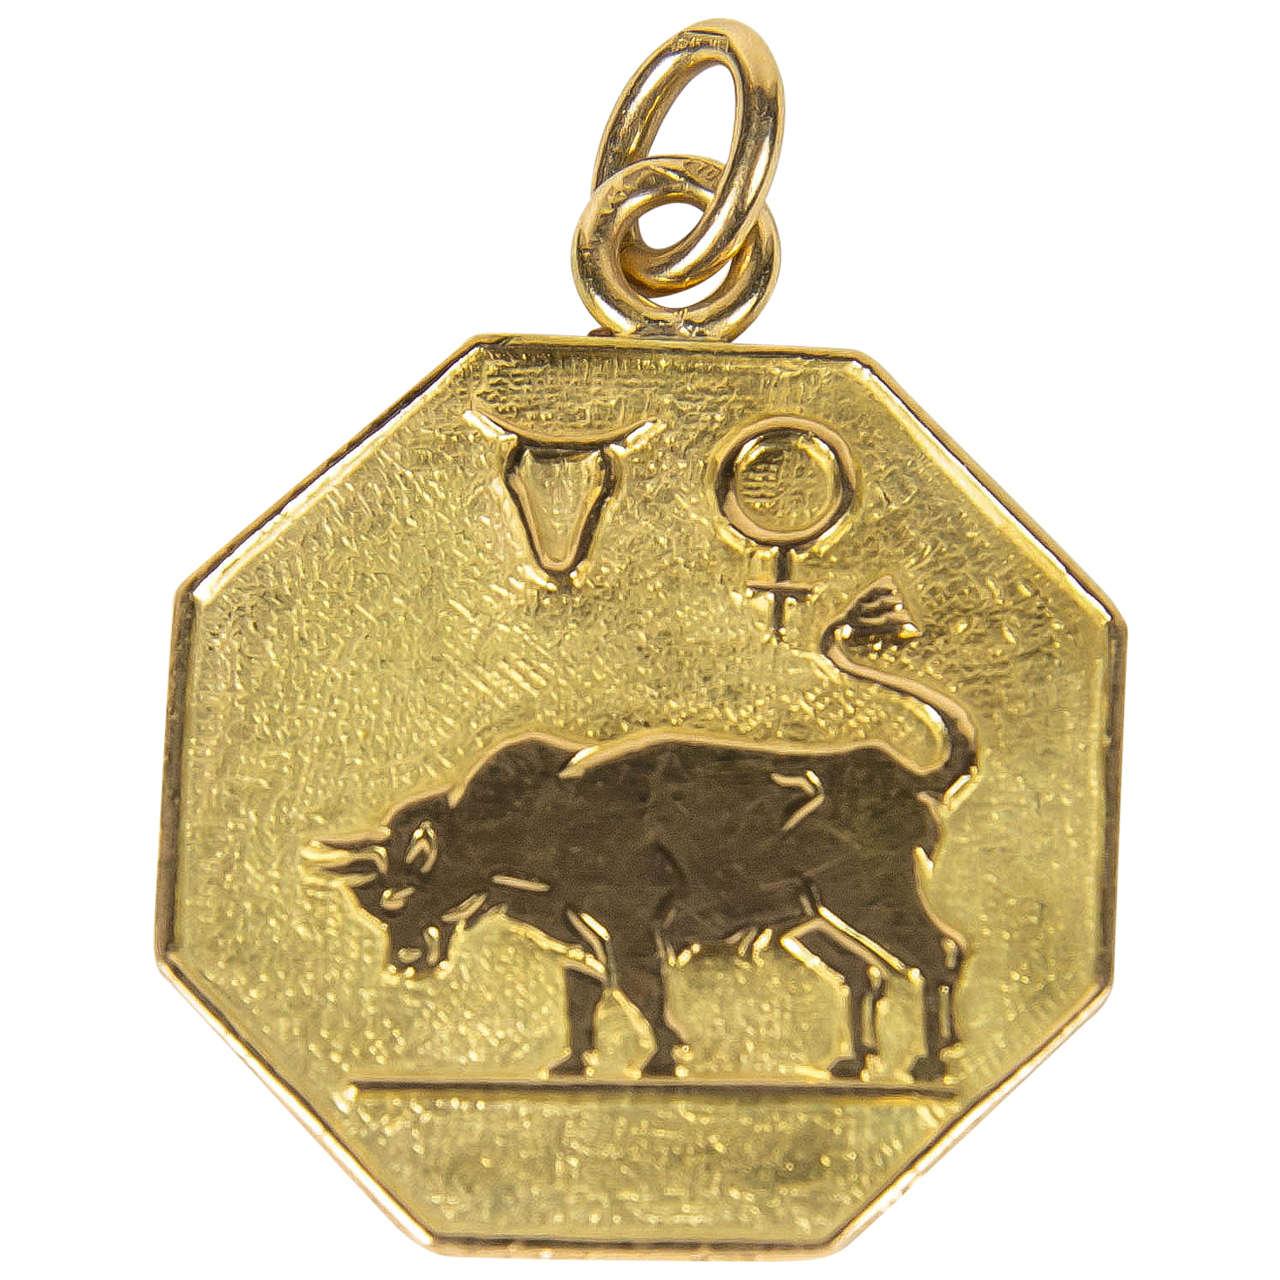 d2cac5d0d010ba Buccelatti Taurus Zodiac Gold Charm Pendant at 1stdibs